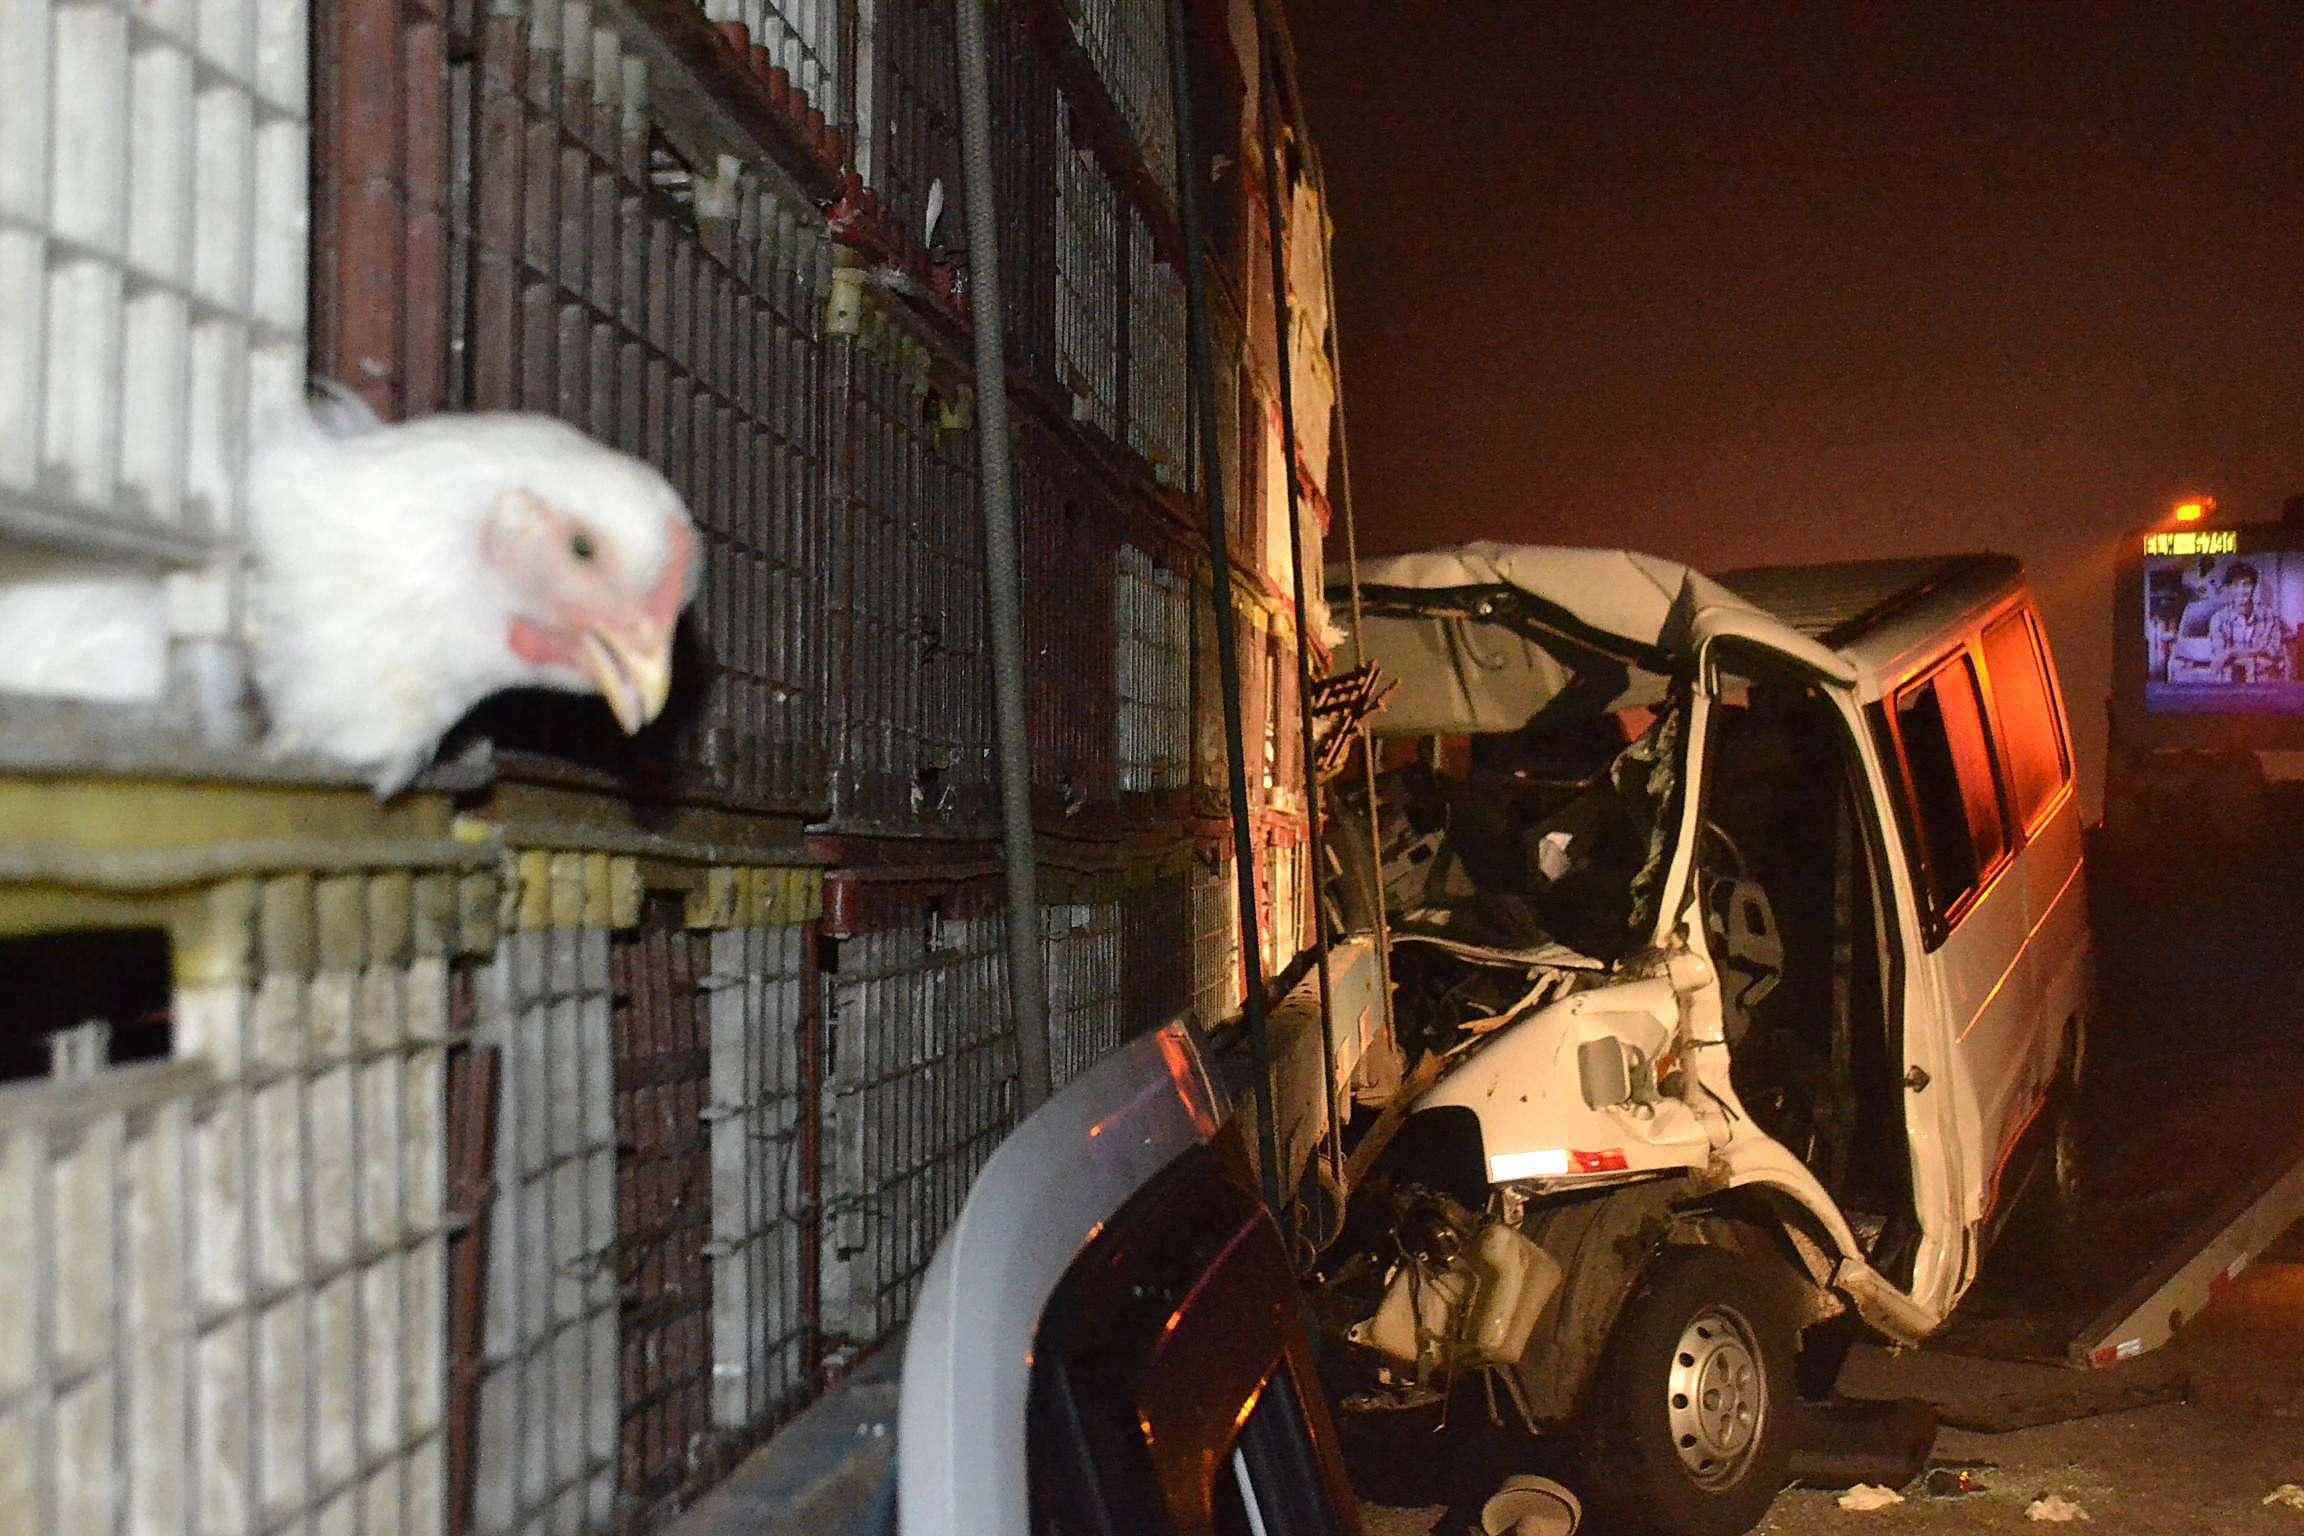 Caminhão estaca carregado com galinhas vivas Foto: Edu Silva/Futura Press